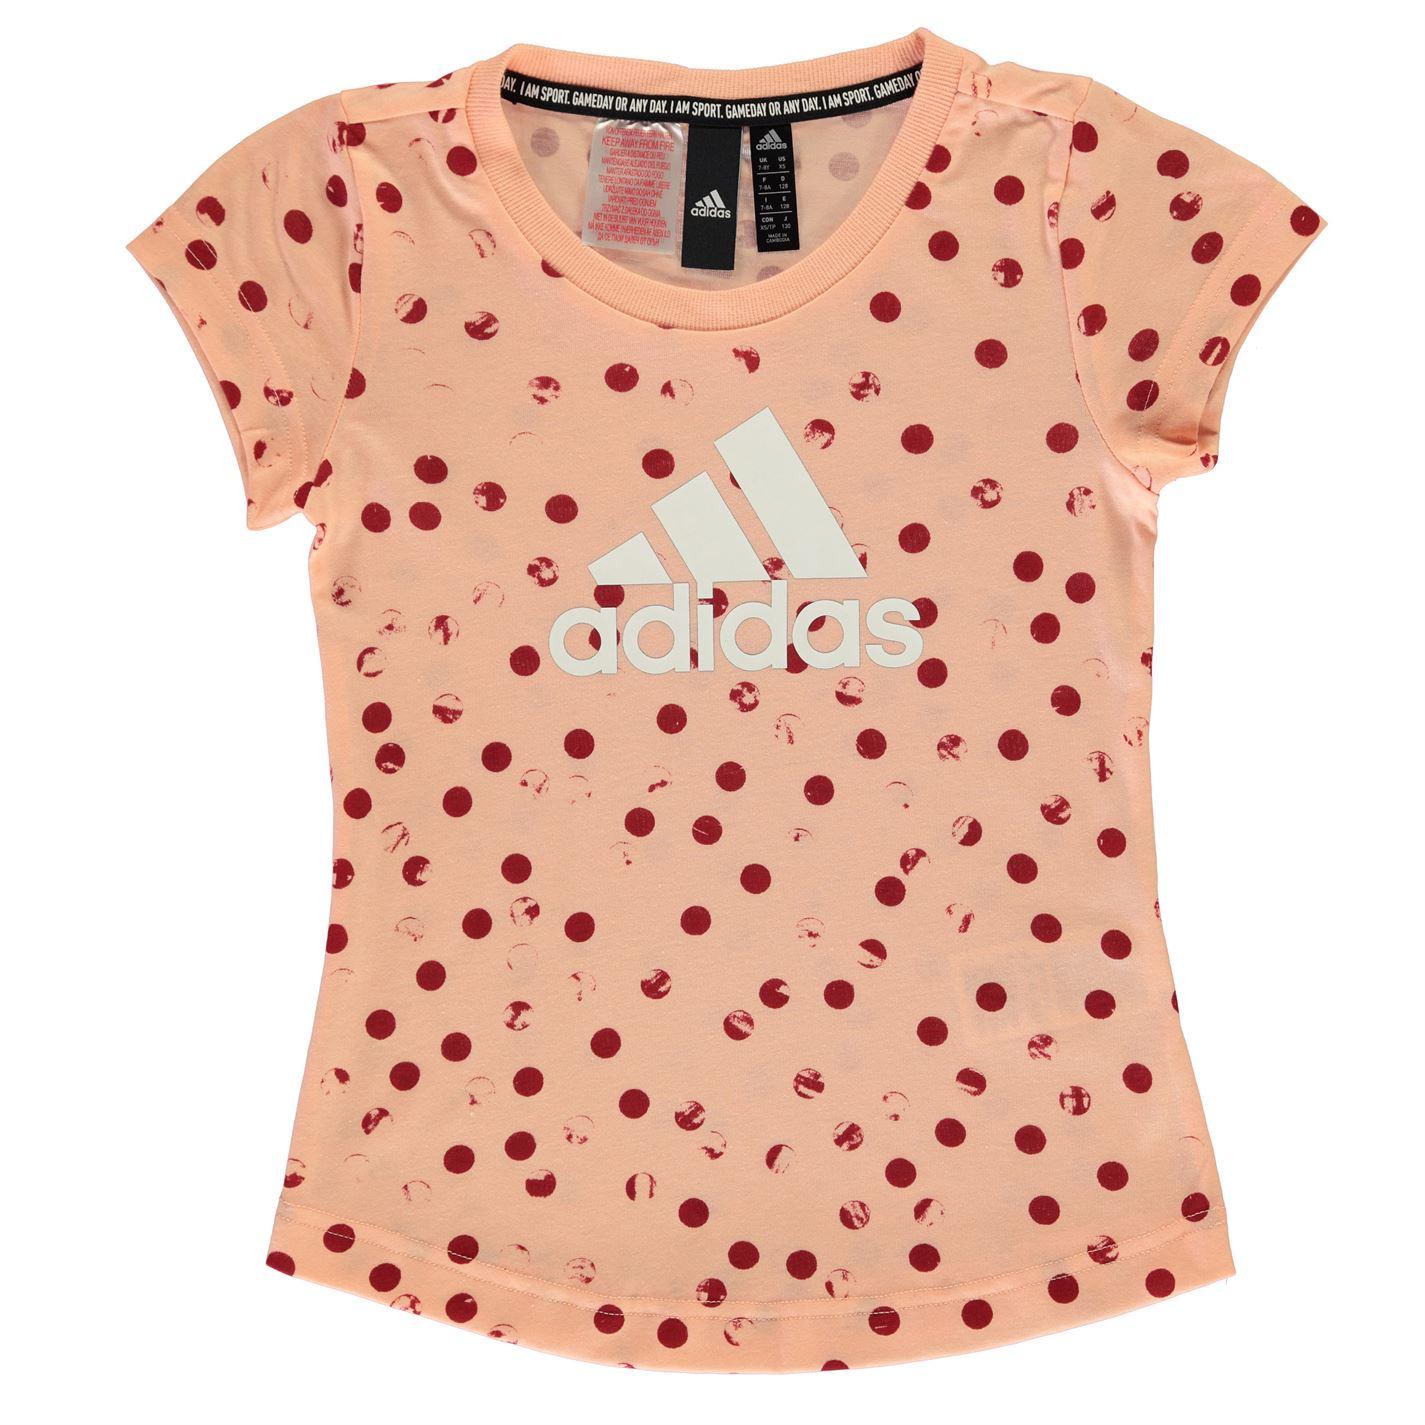 Adidas Graphic T Shirt Girls